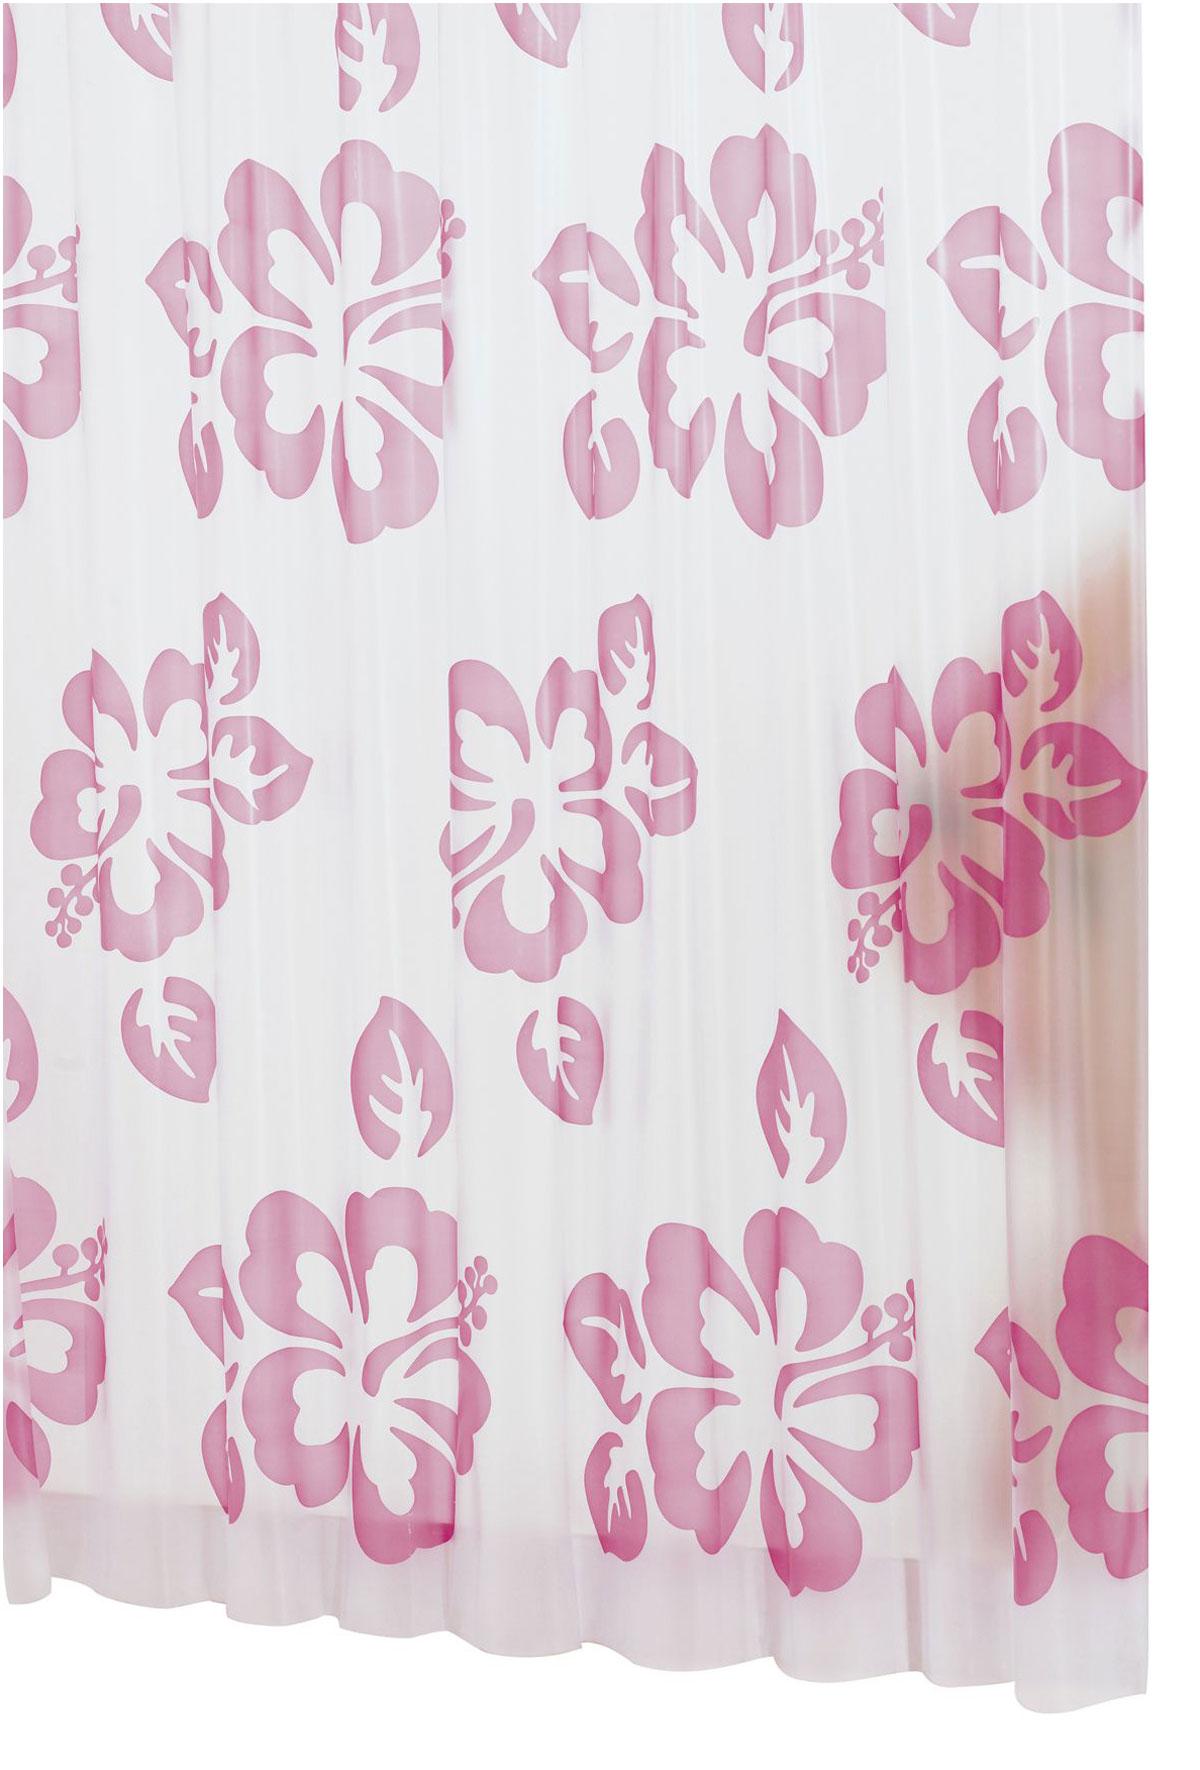 Штора для ванной комнаты Ridder Flowerpower, цвет: розовый, 180 х 200 см32352Высококачественная немецкая штора для душа создает прекрасное настроение. Продукты из эколена не имеют запаха и считаются экологически чистыми. Ручная стирка. Не гладить.